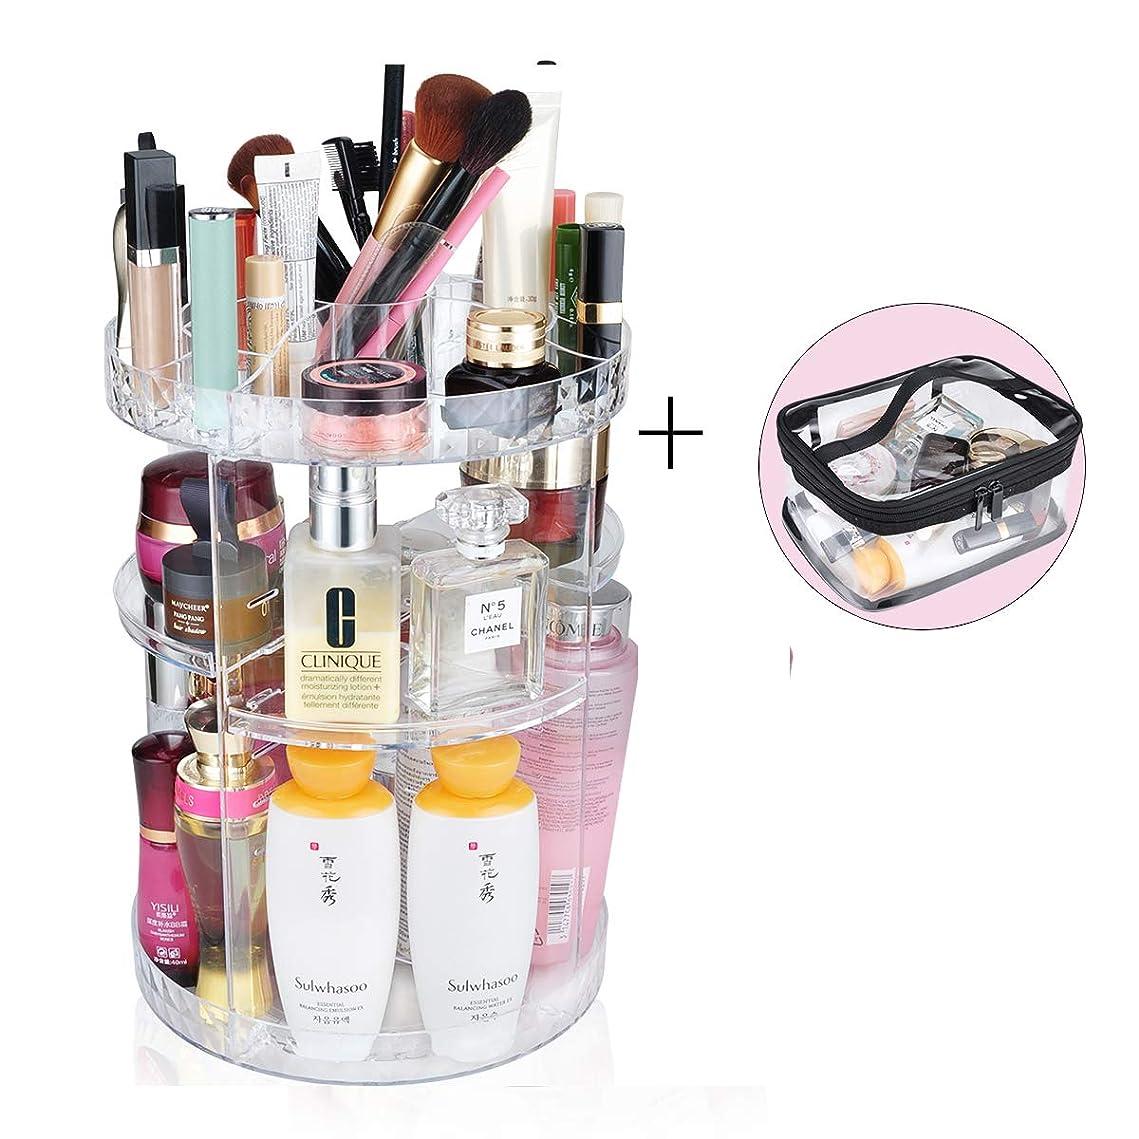 マラウイマージ仕える化粧品収納ボックス 360度回転コスメボックス コスメ収納ラックスタンド整理 大容量透明メイクボックス